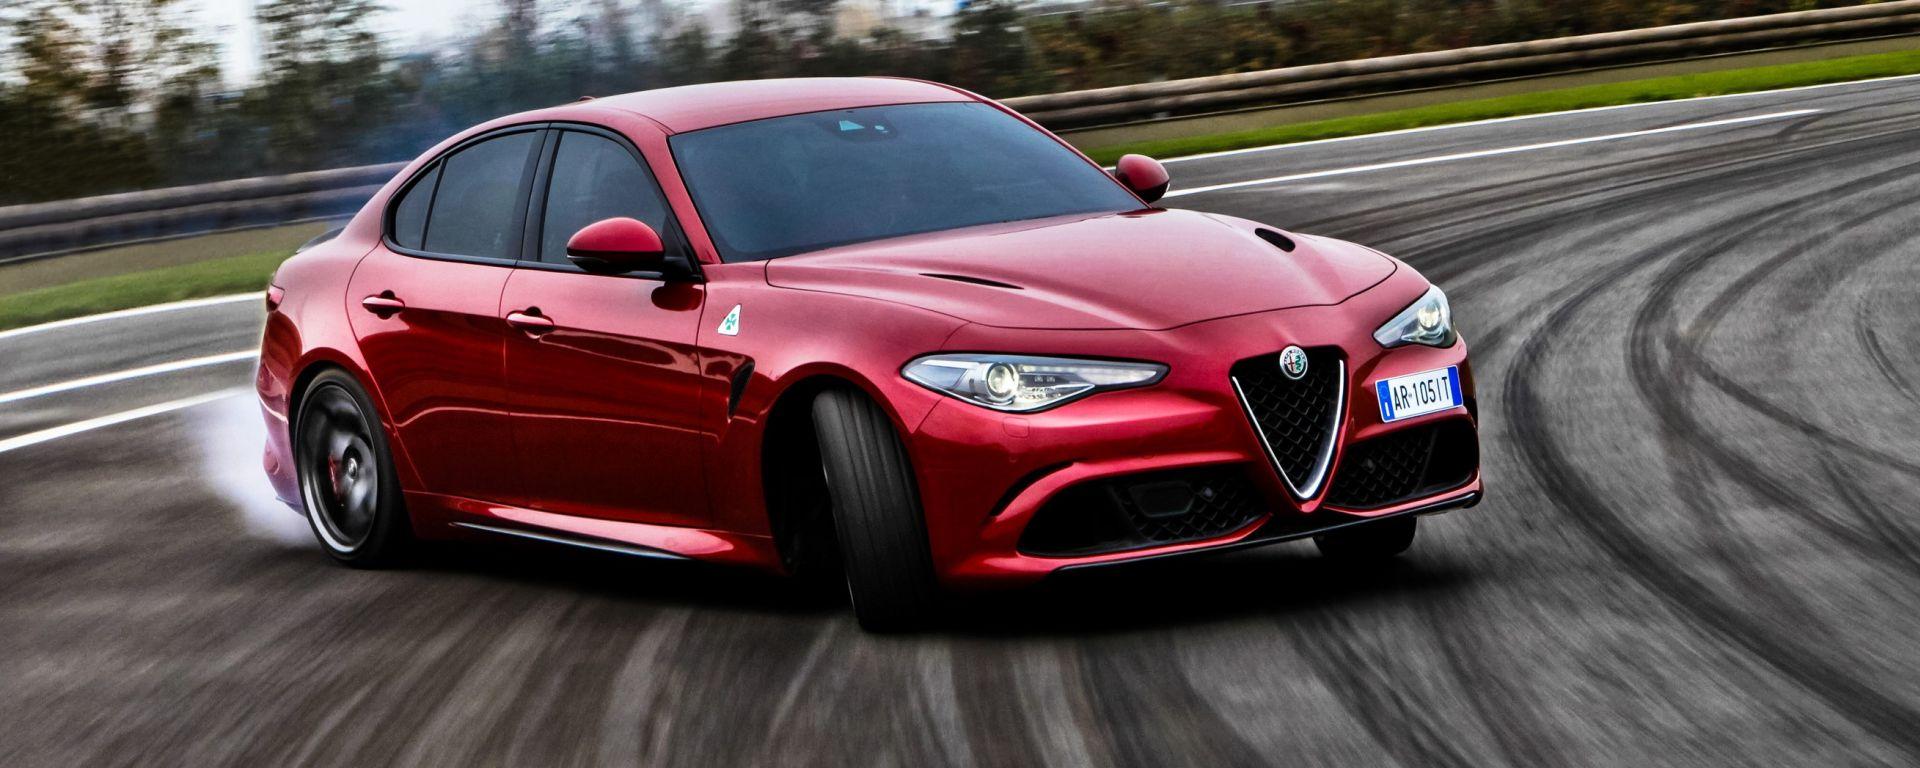 Alfa Romeo Giulia Quadrifoglio: 7:32 è record al Nurbugring